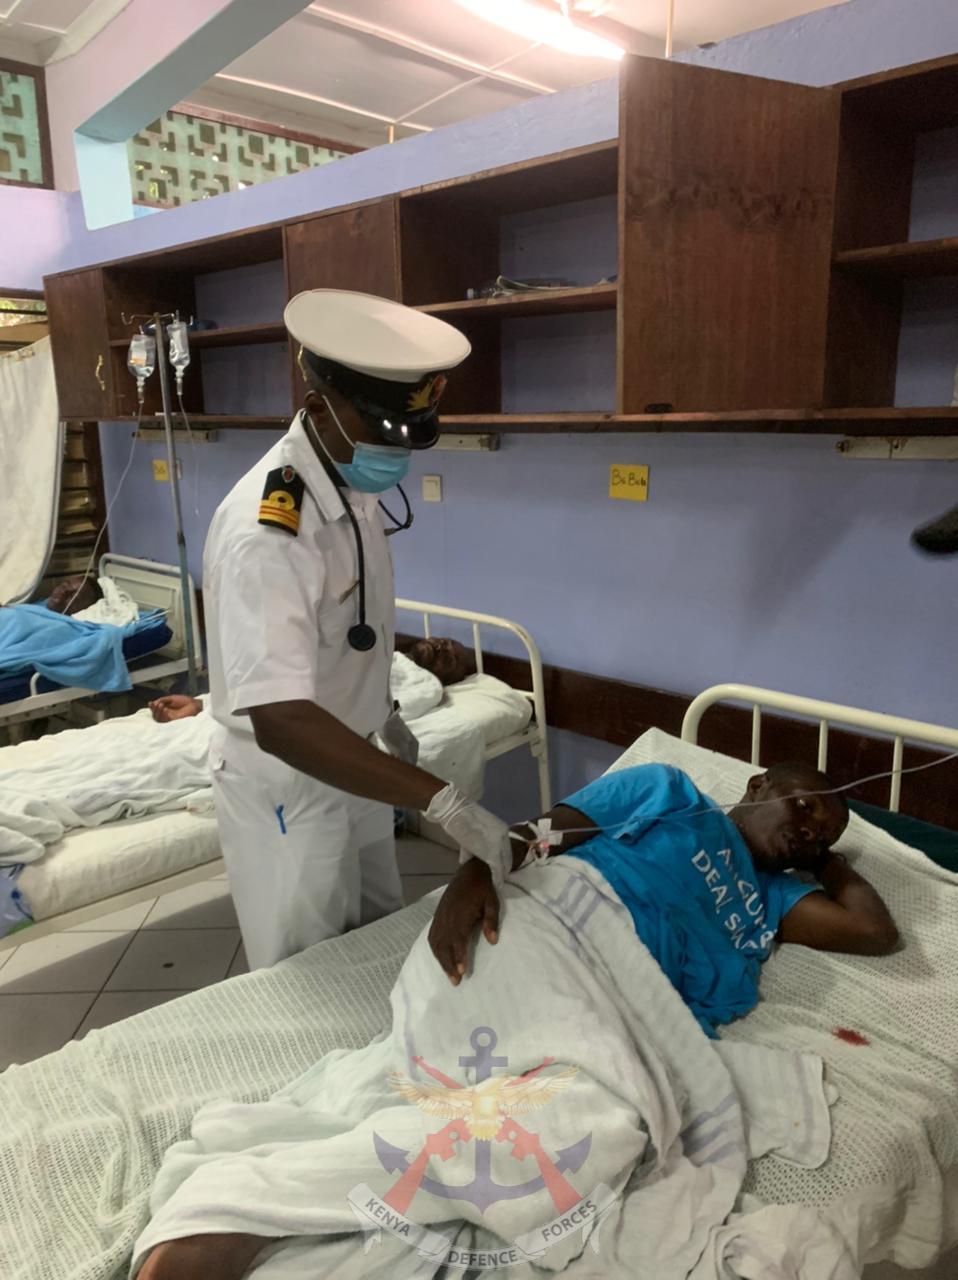 KENYA NAVY DOCTORS OFFER MEDICAL AID